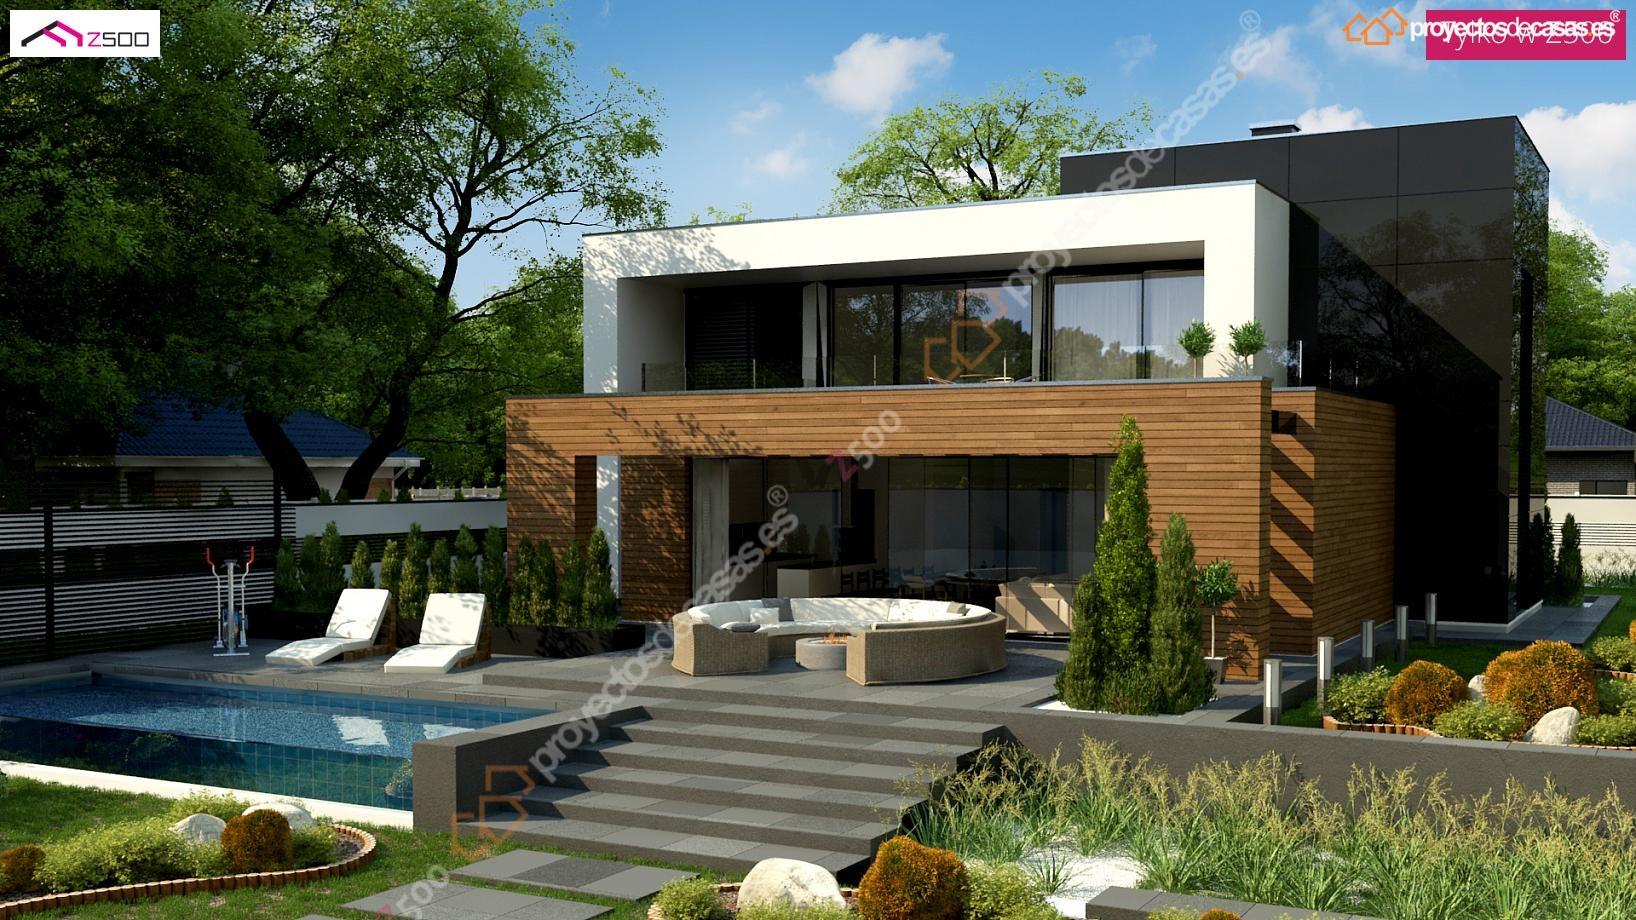 Proyectosdecasas dise amos y construimos casas en toda espa a - Planos de chalets modernos ...